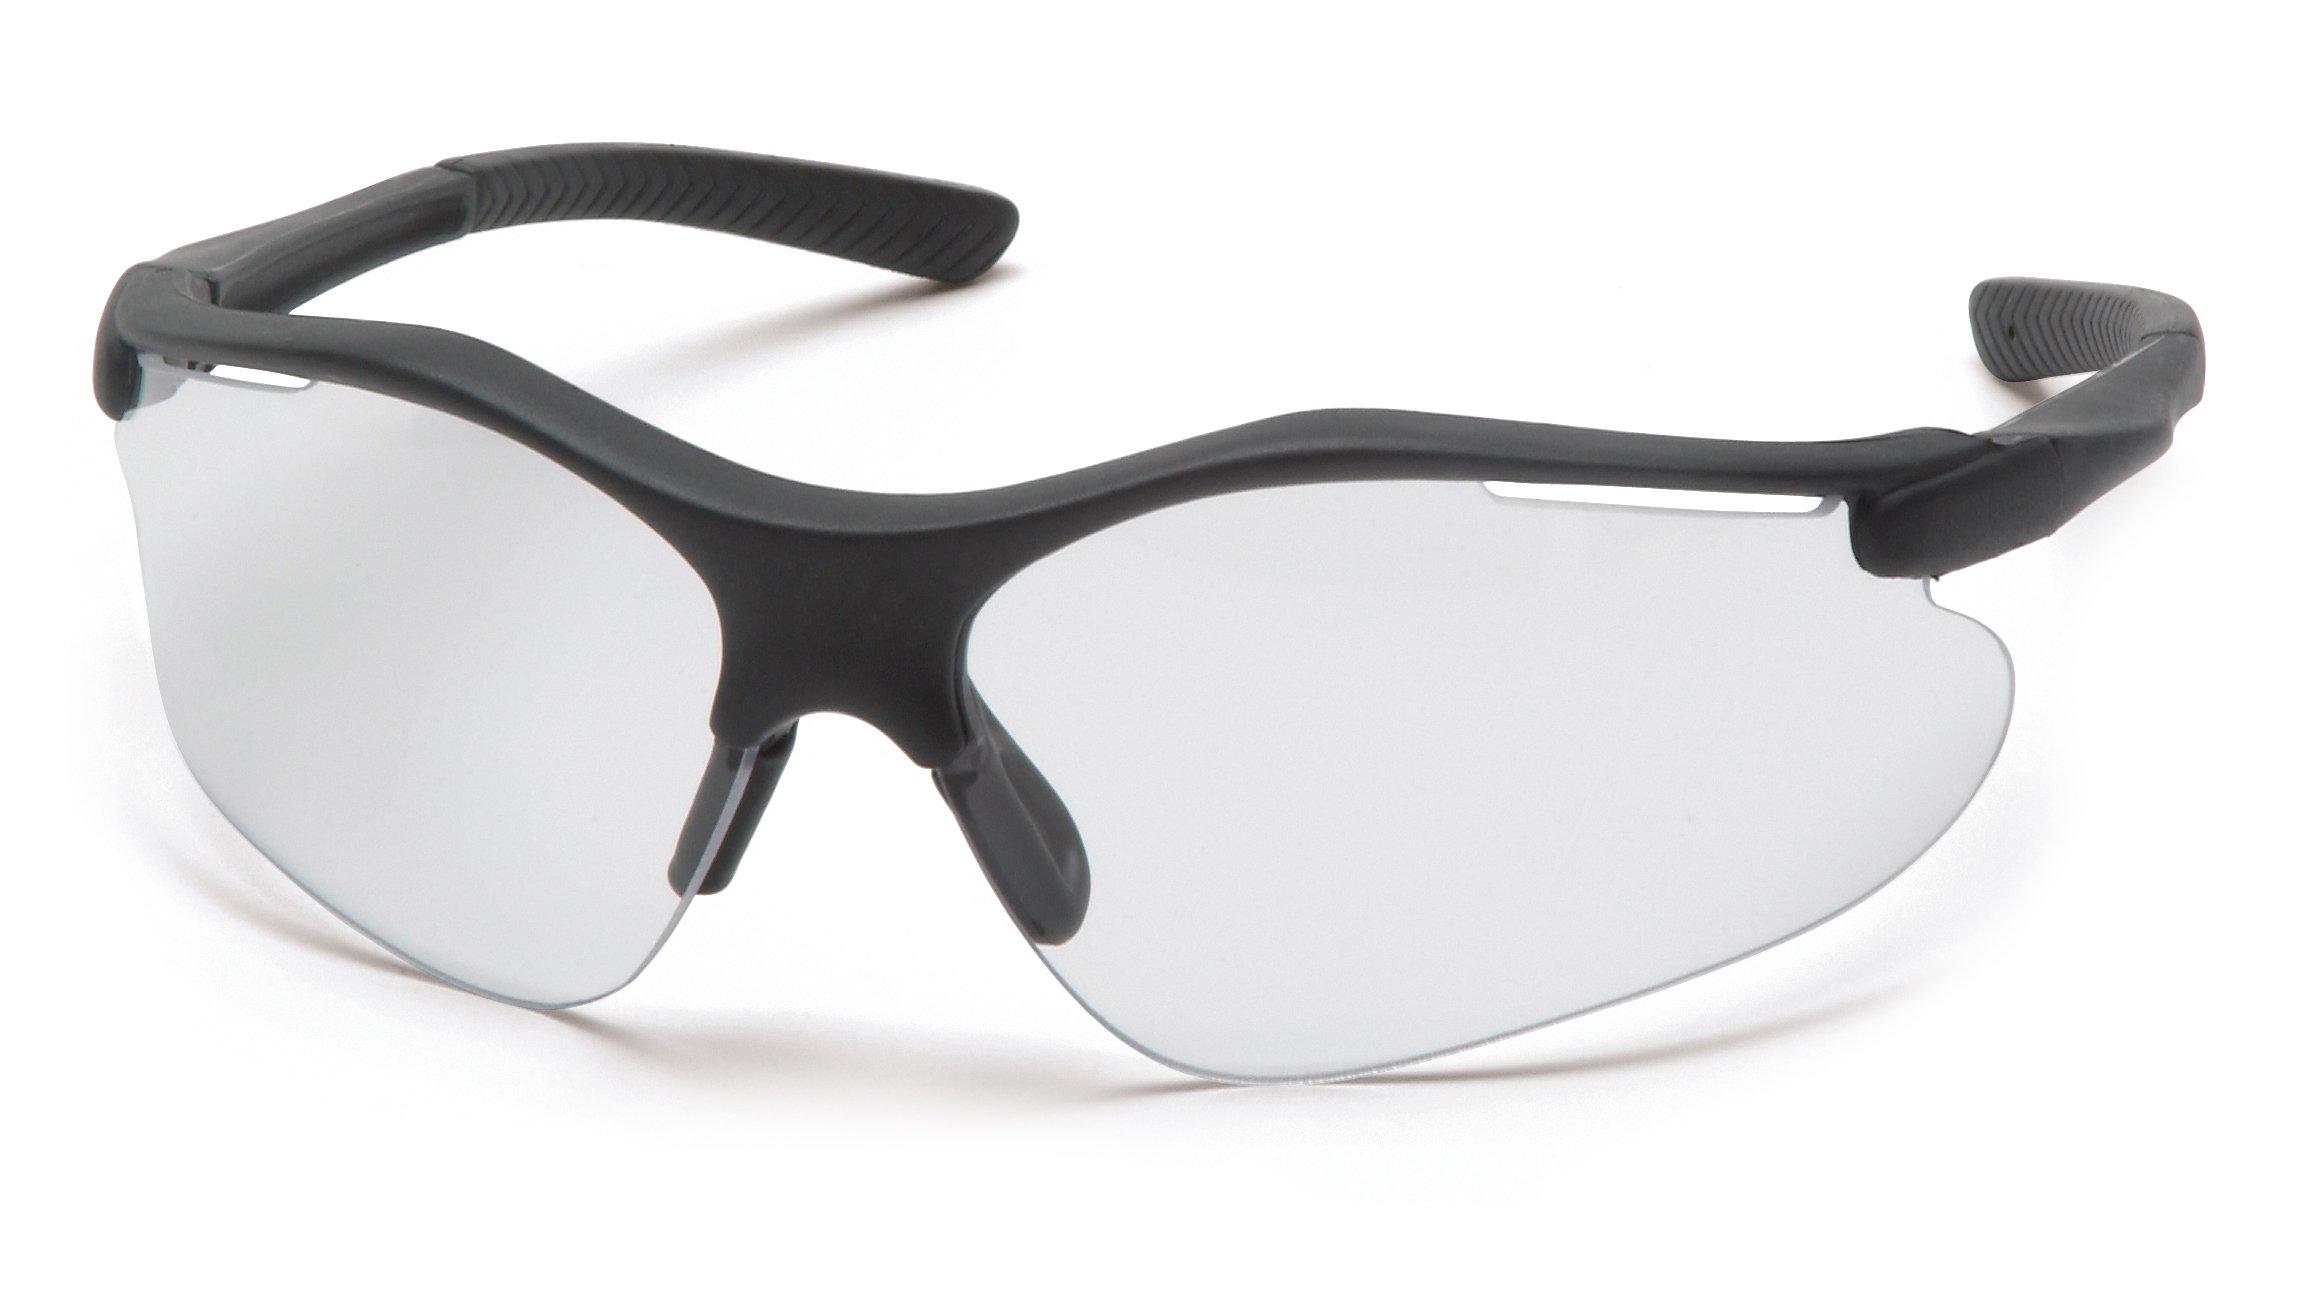 Pyramex Fortress Safety Eyewear, Clear Anti-Fog Lens With Black Frame